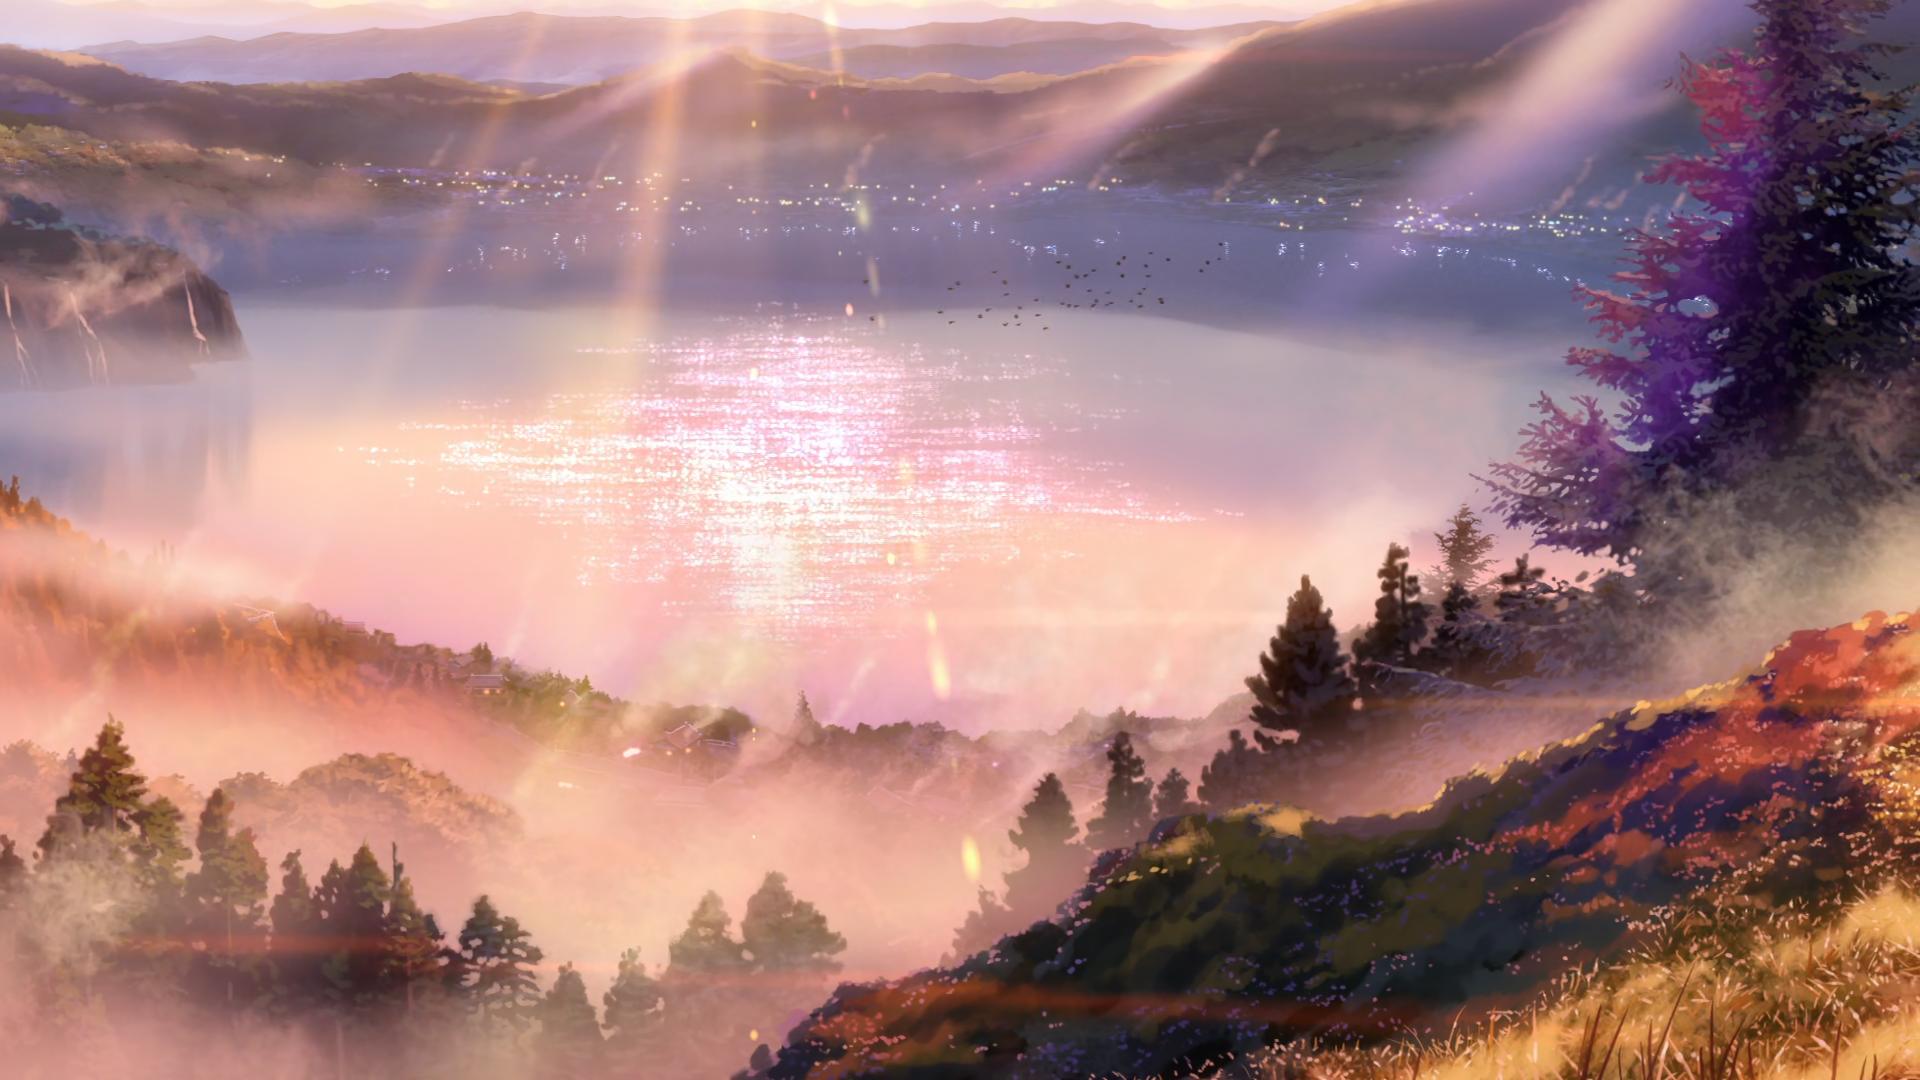 Ő›ã®åã¯ Your Name An Art Showcase Of 110 Wallpaper Worthy Scenes 1080p Cenario Anime Fotografia De Paisagem Lindas Paisagens